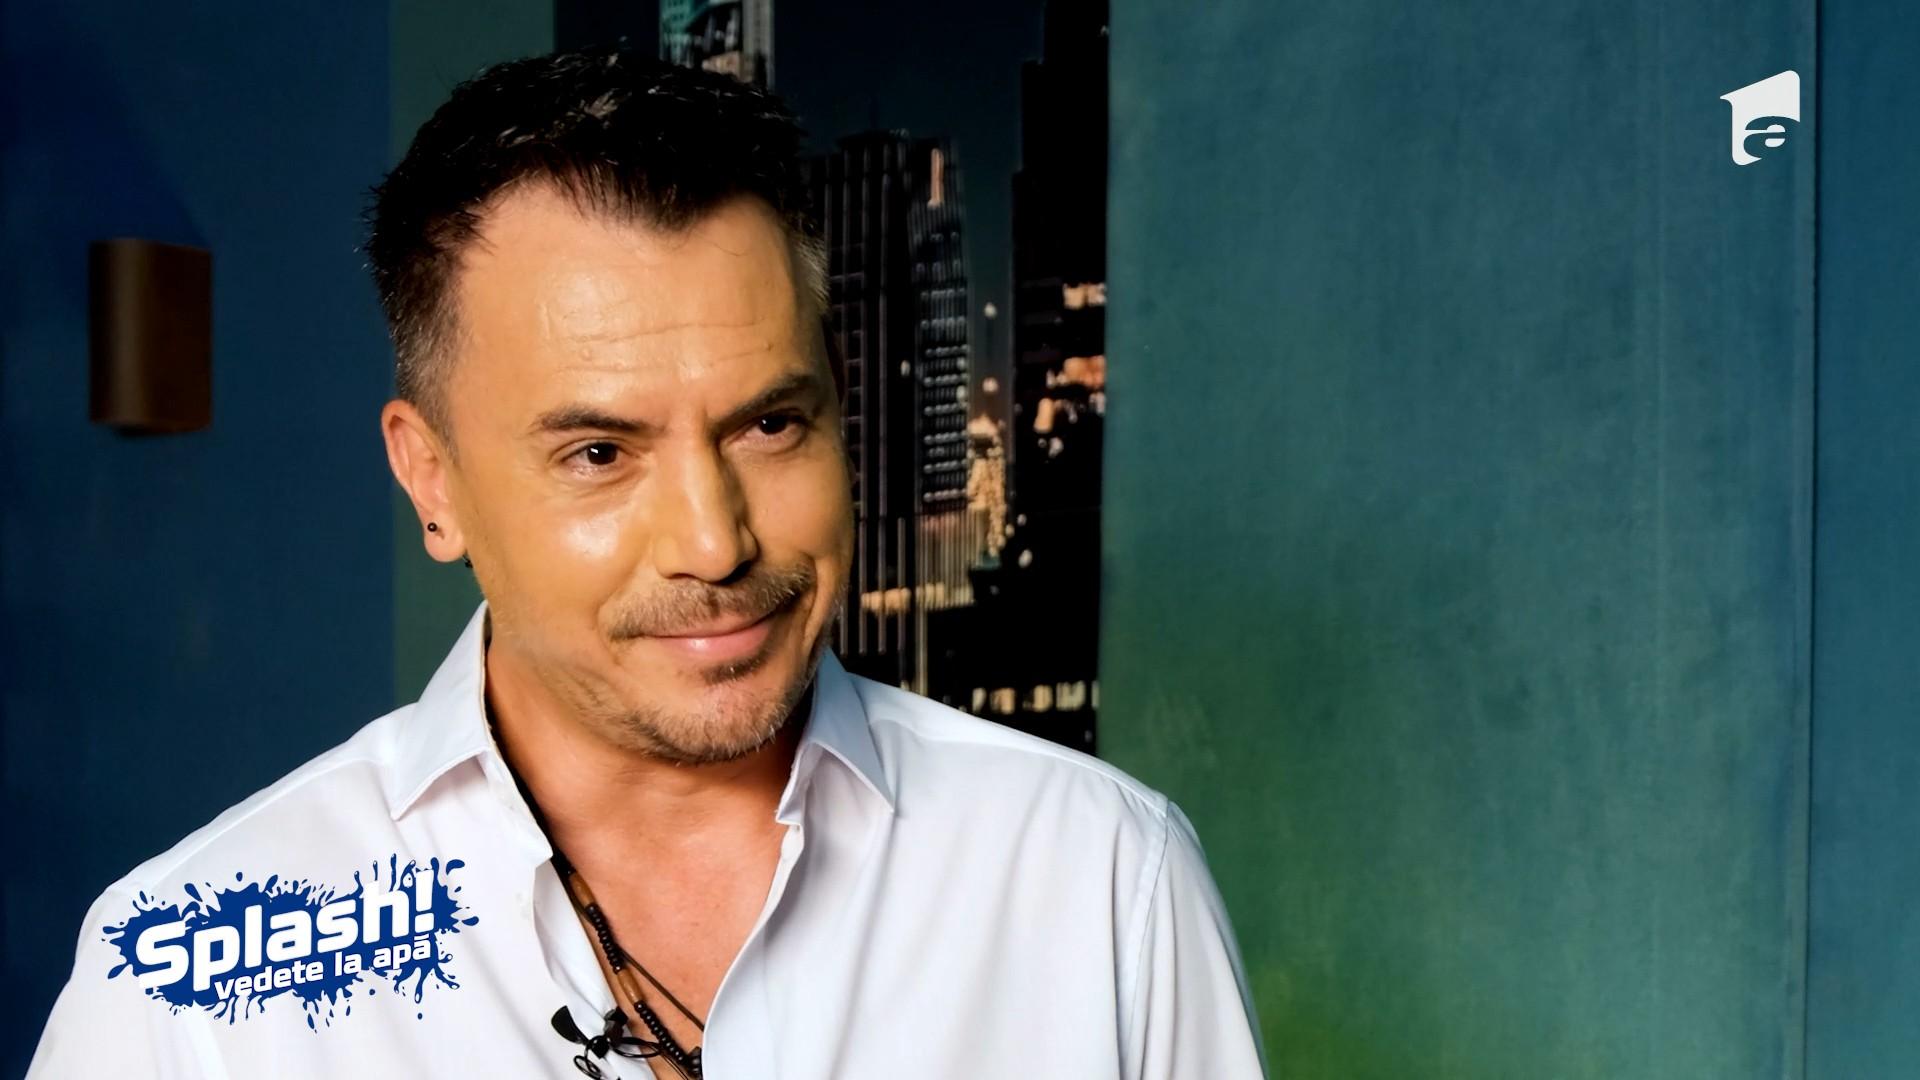 Interviu - Splash! Vedete la apa - Răzvan Fodor